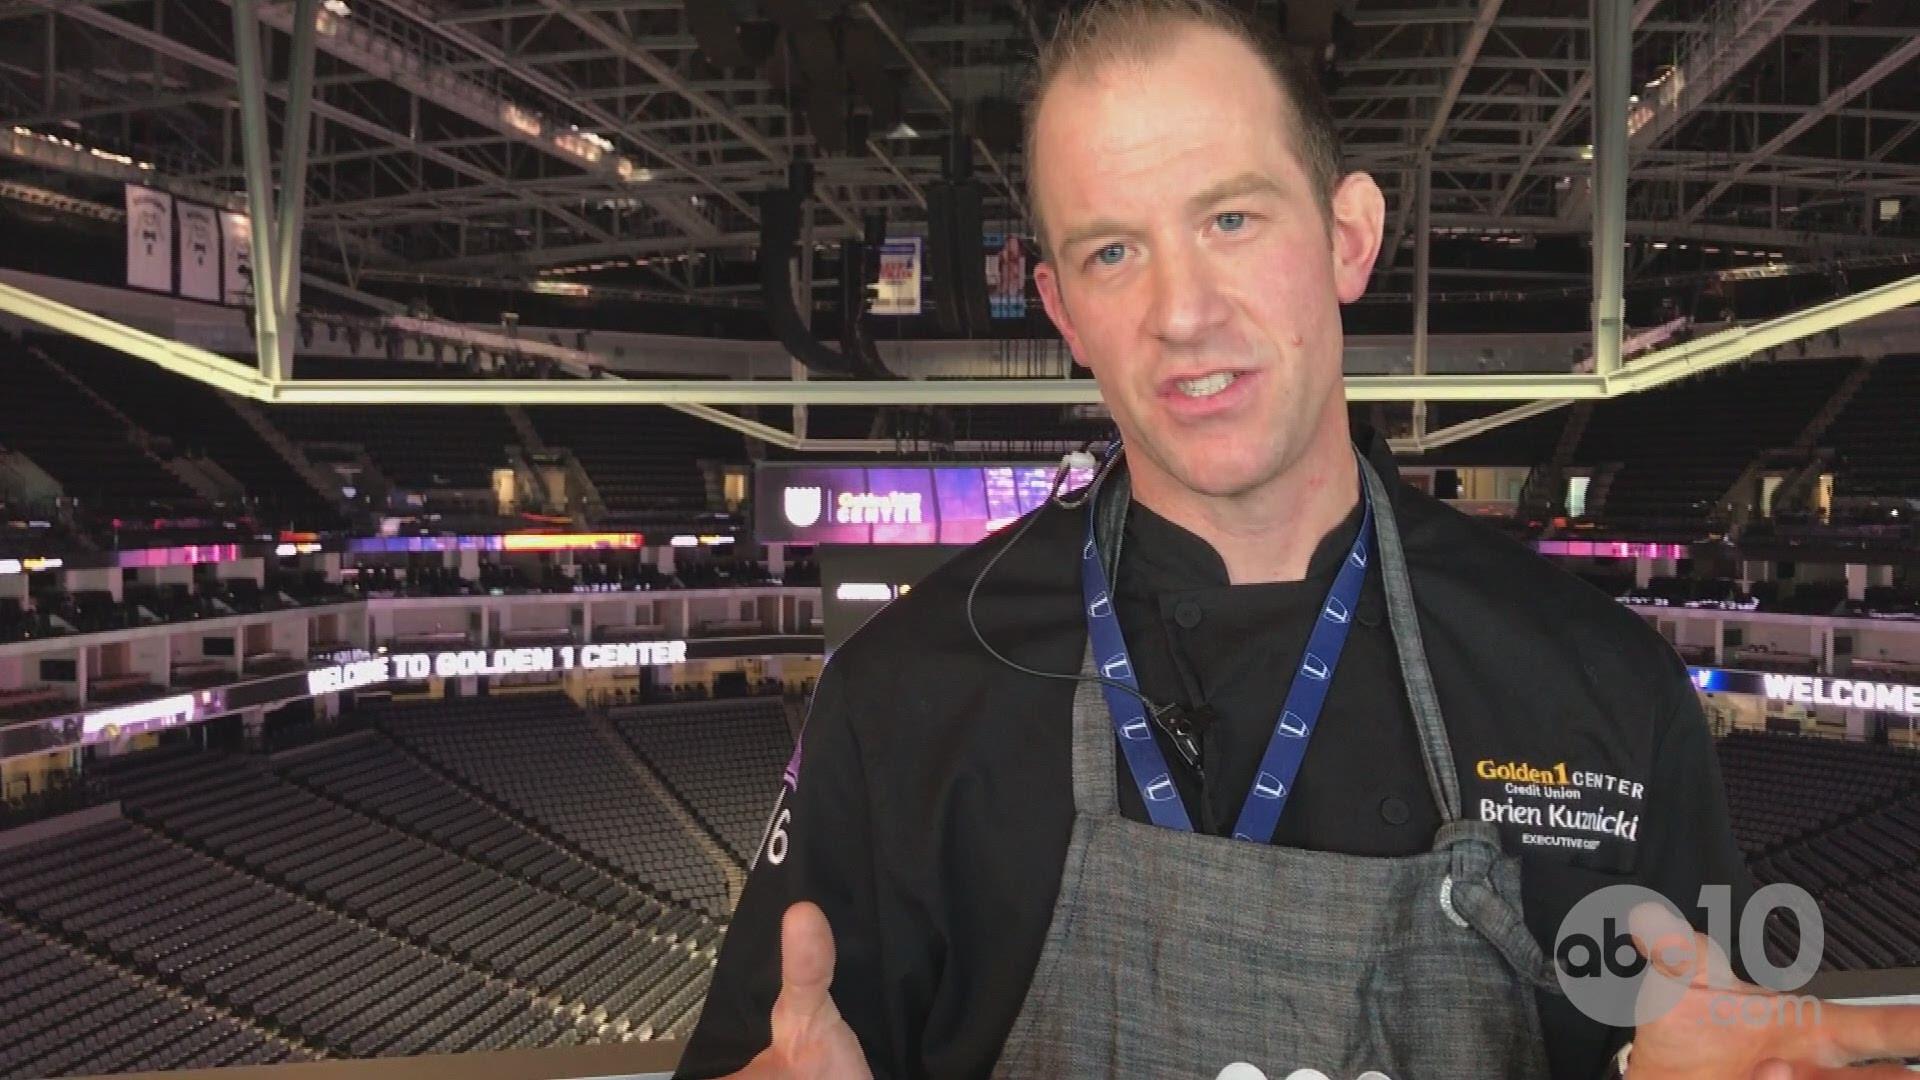 Golden One Arena Jobs